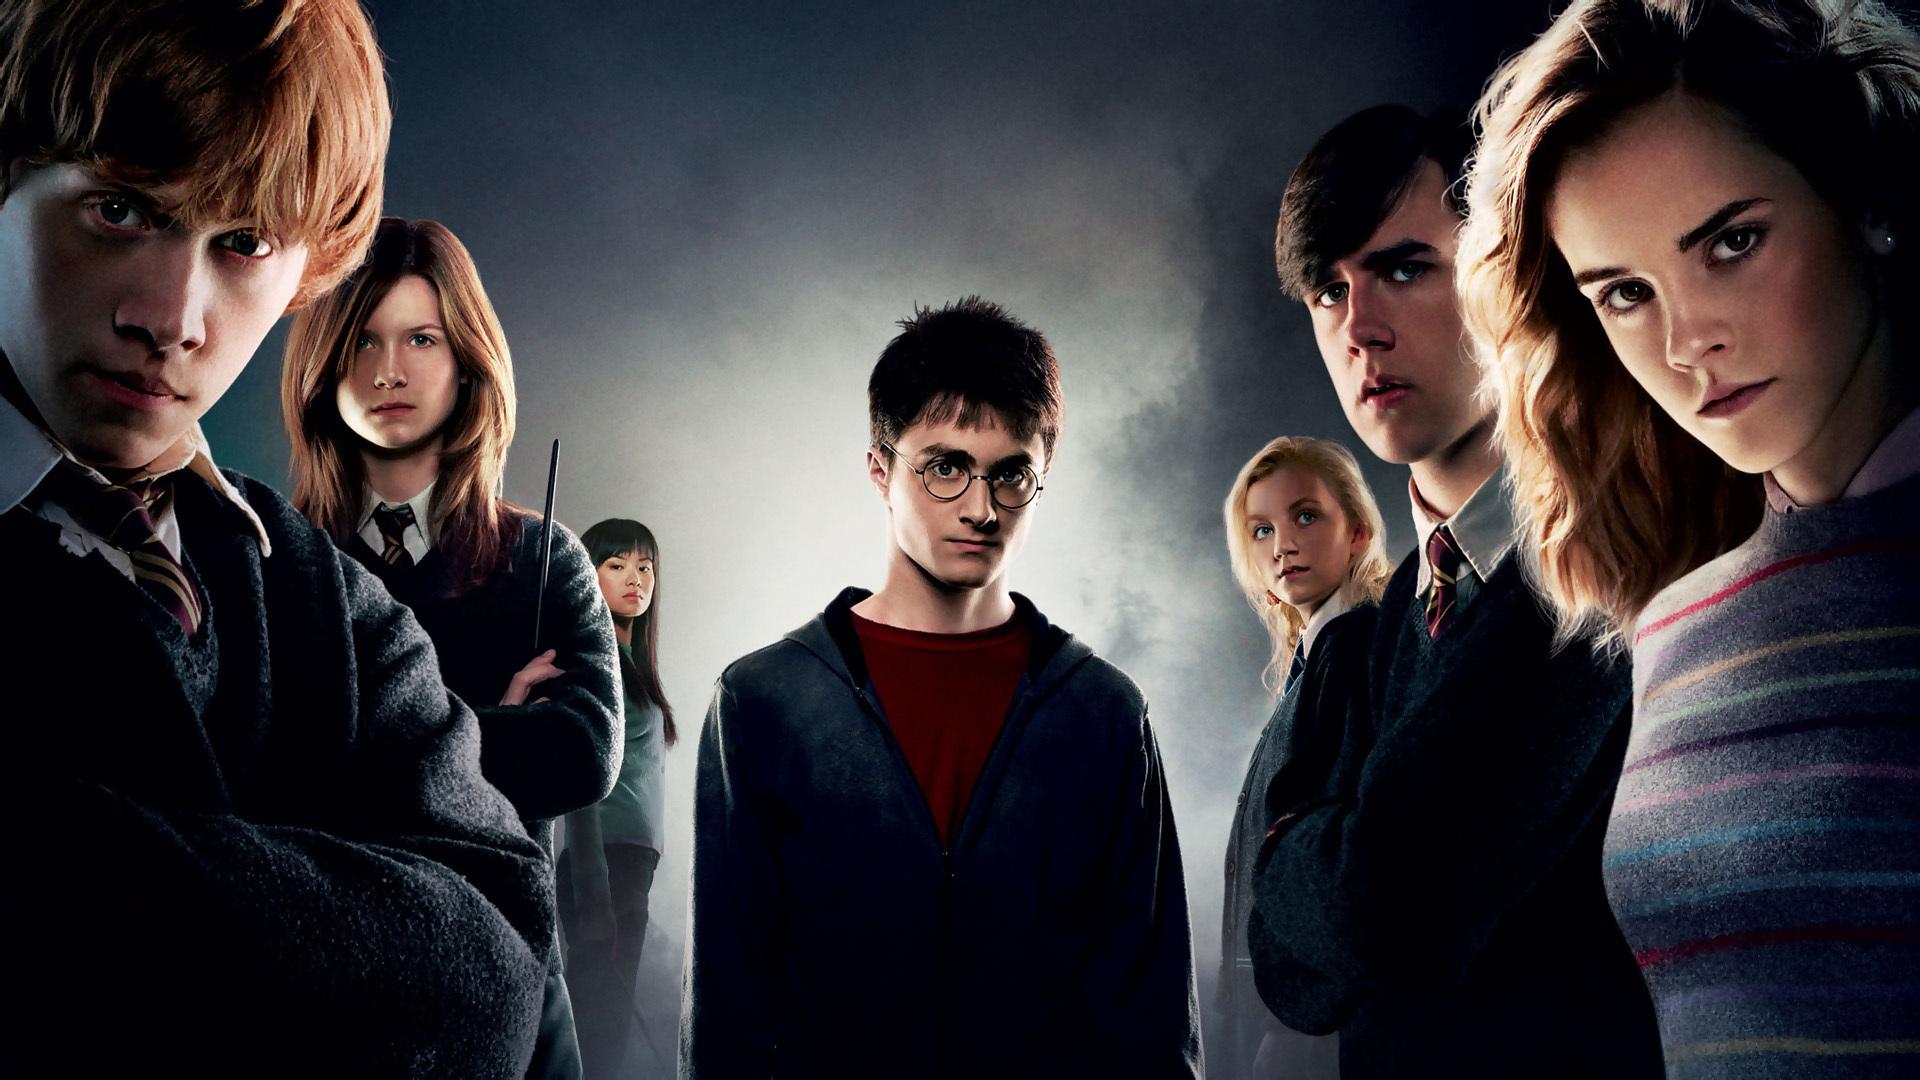 Картинка для Кто ты из друзей Гарри Поттера.